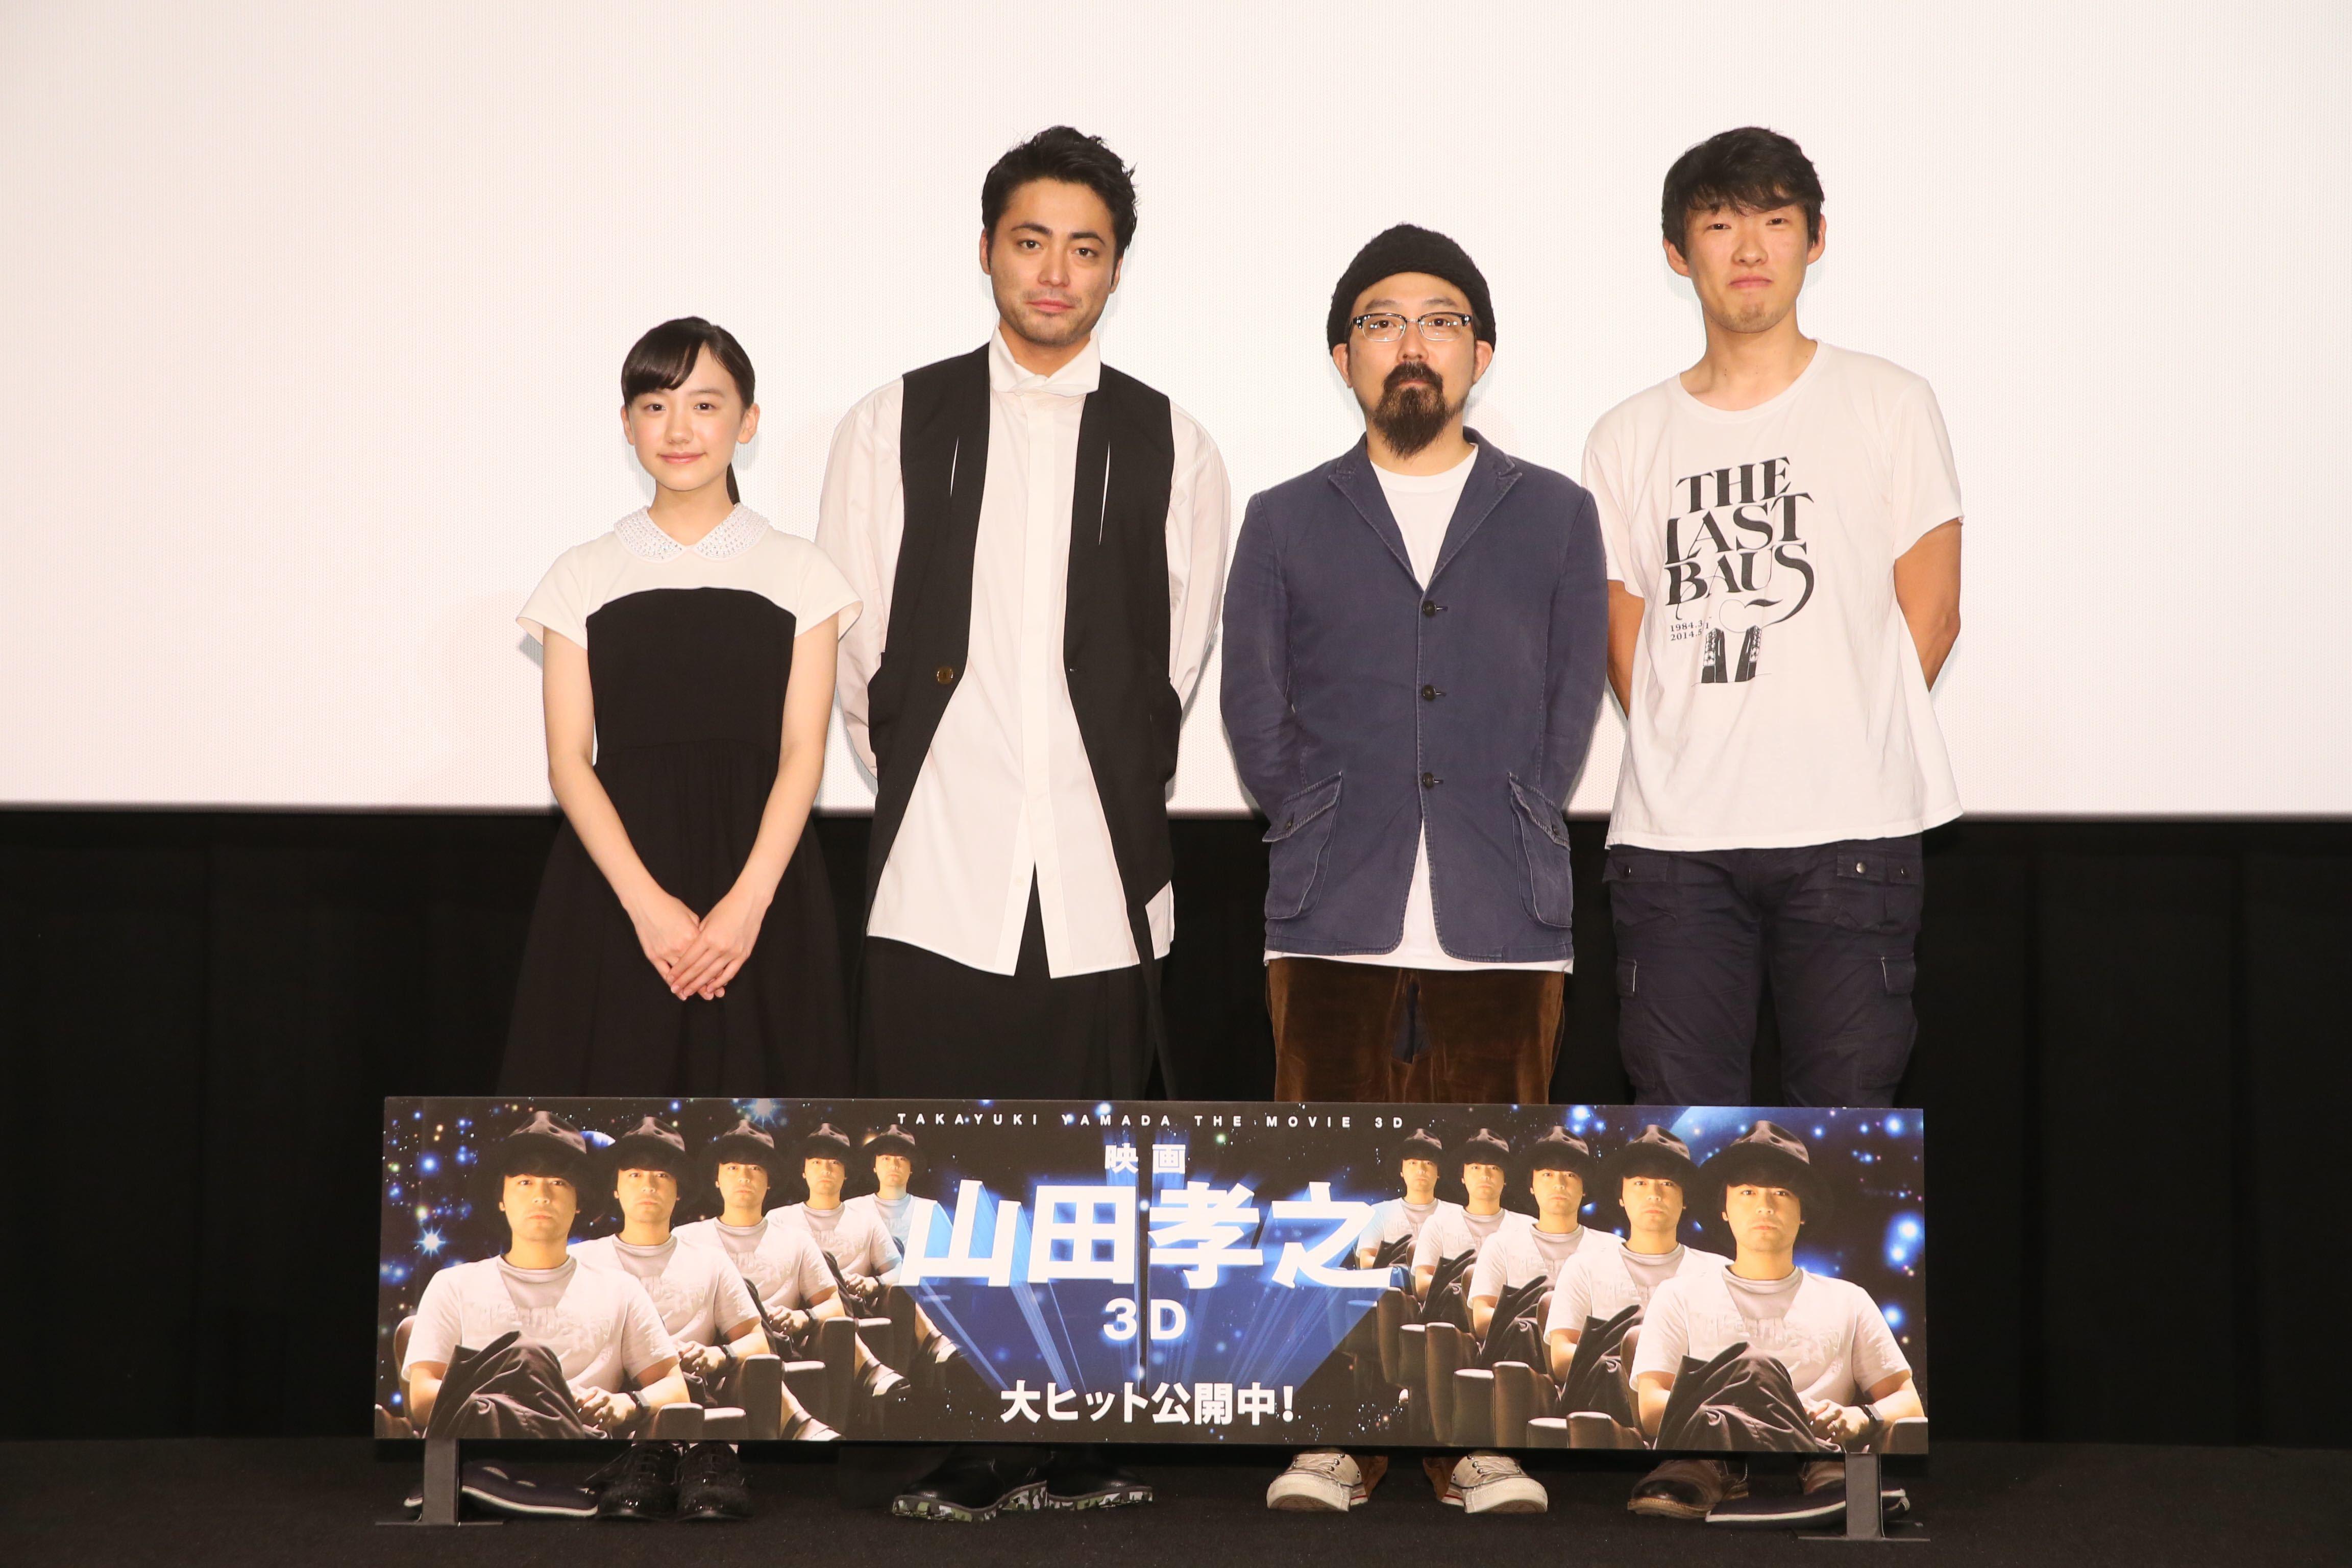 左から、芦田愛菜、山田孝之、山下敦弘監督、松江哲明監督